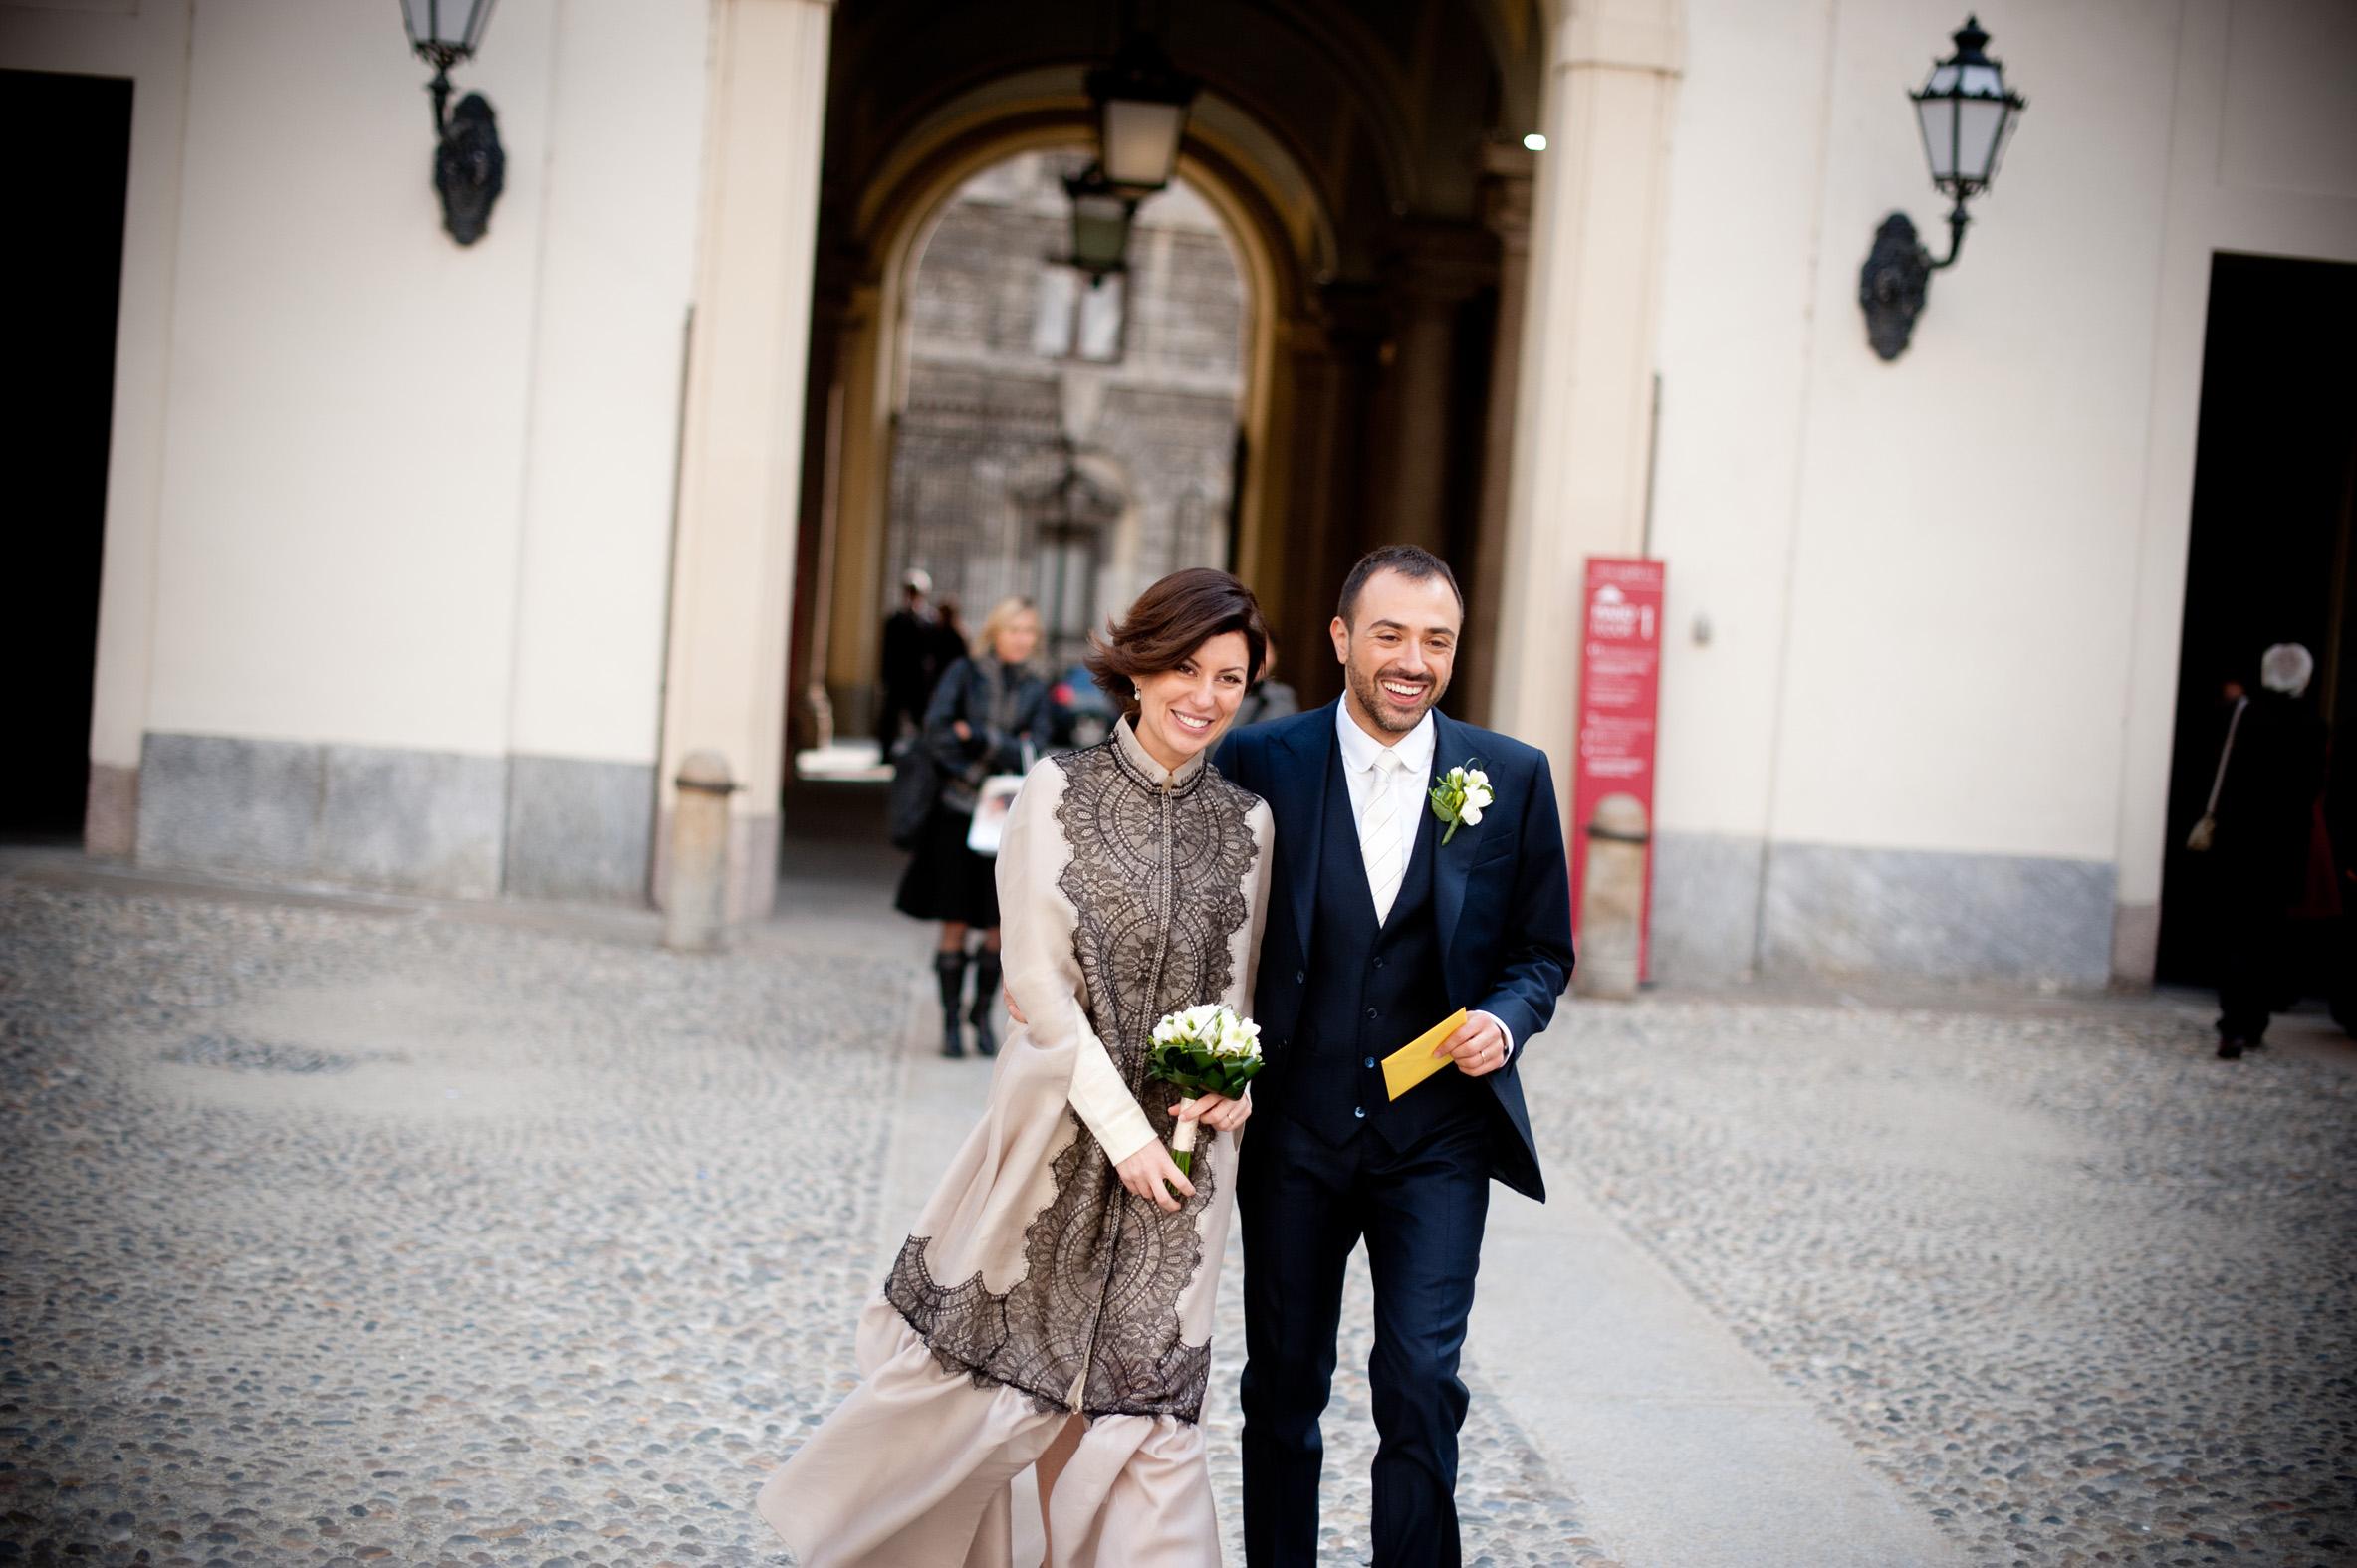 ce6a21e8f13c 13 matrimonio milano palazzo reale uscita - Fotografo Matrimonio ...